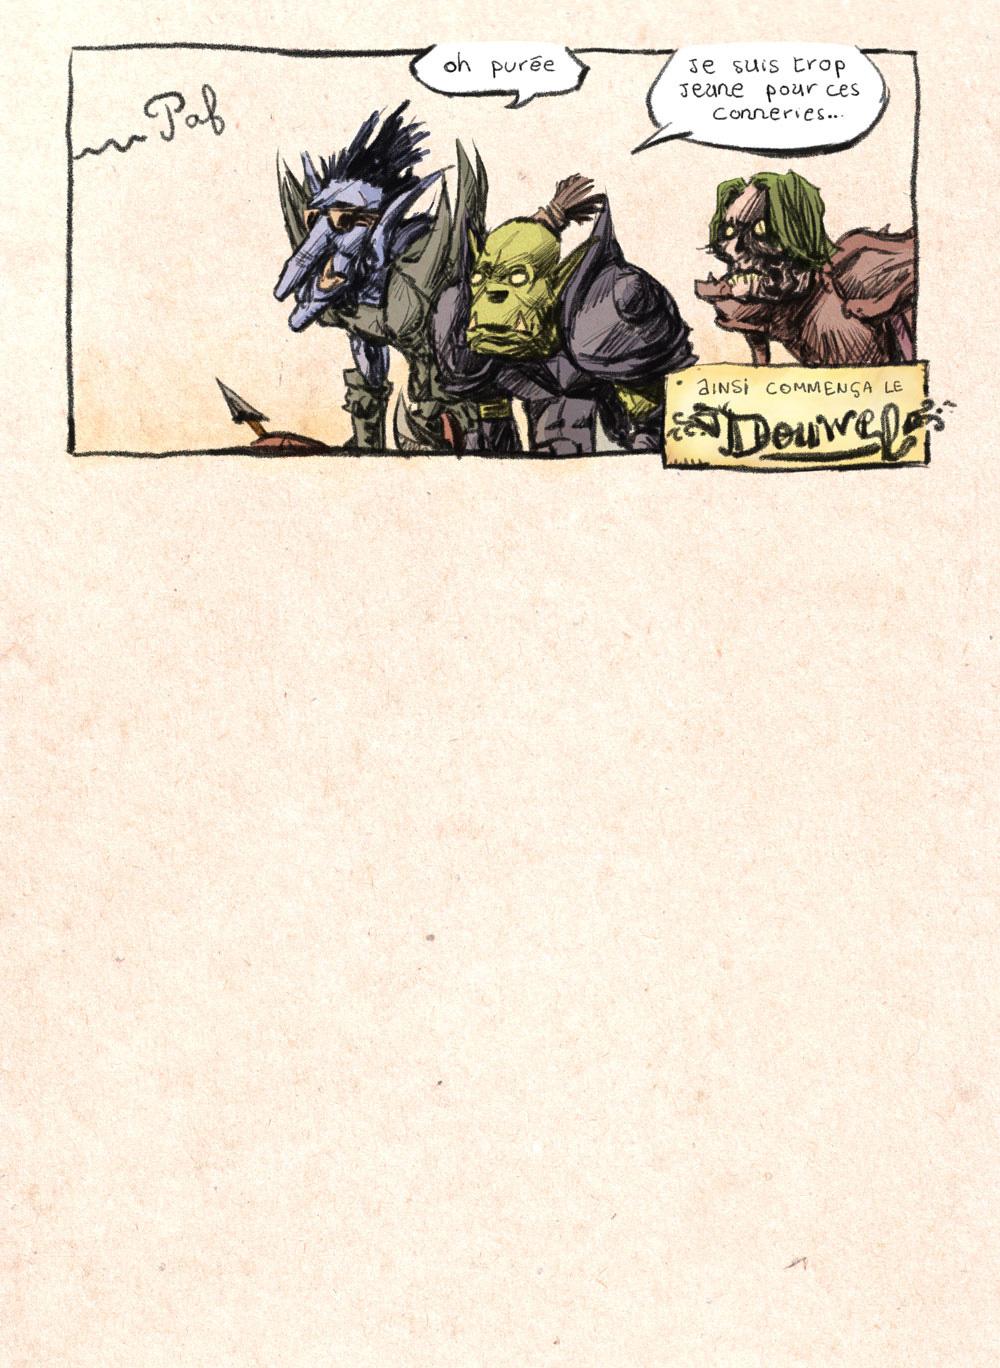 Aventures de Stevostin, tome 1 : La Porte Sombre. Planche 54.